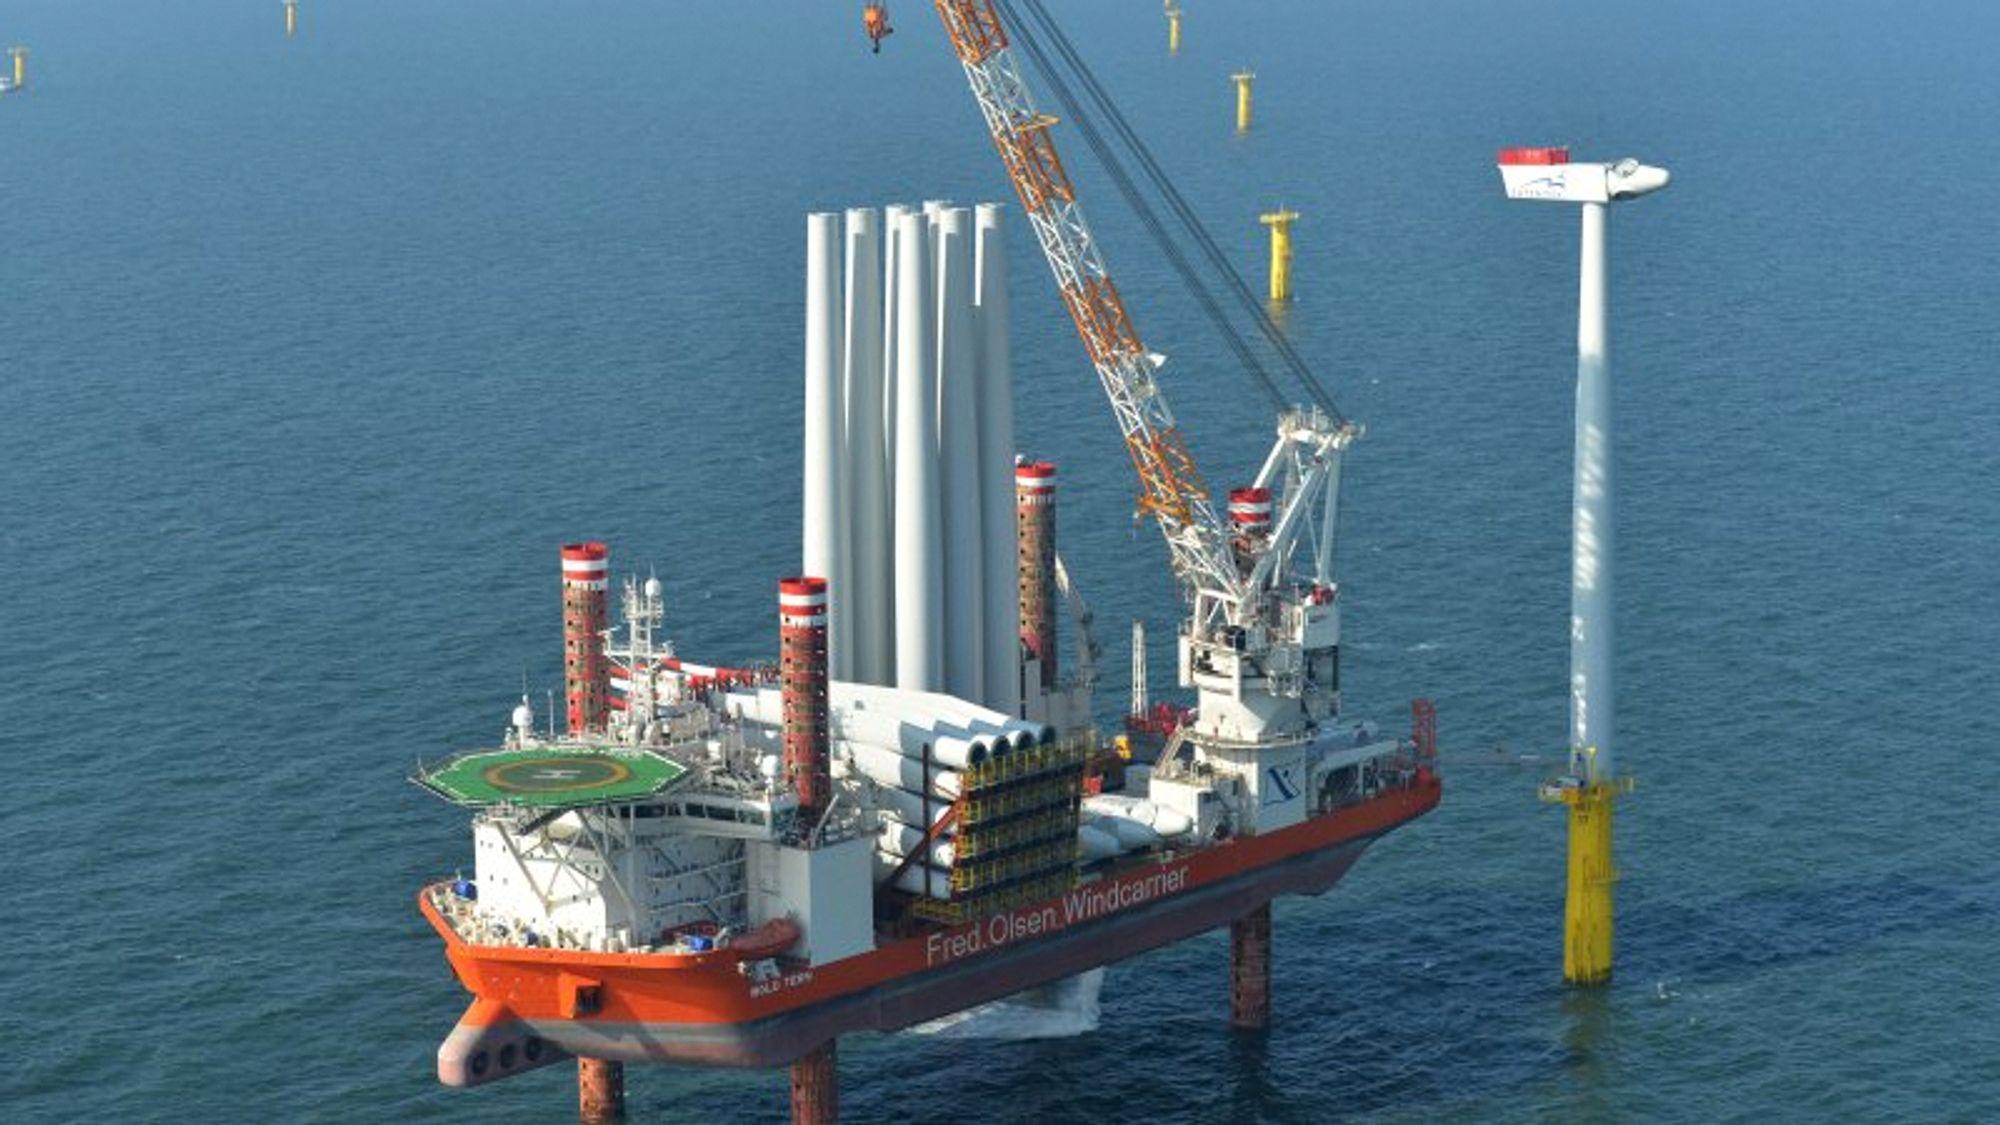 Regjeringen vil auksjonere bort havvind i Sørlige del av Nordsjøen. Det er ikke noen god idé, mener industrien.